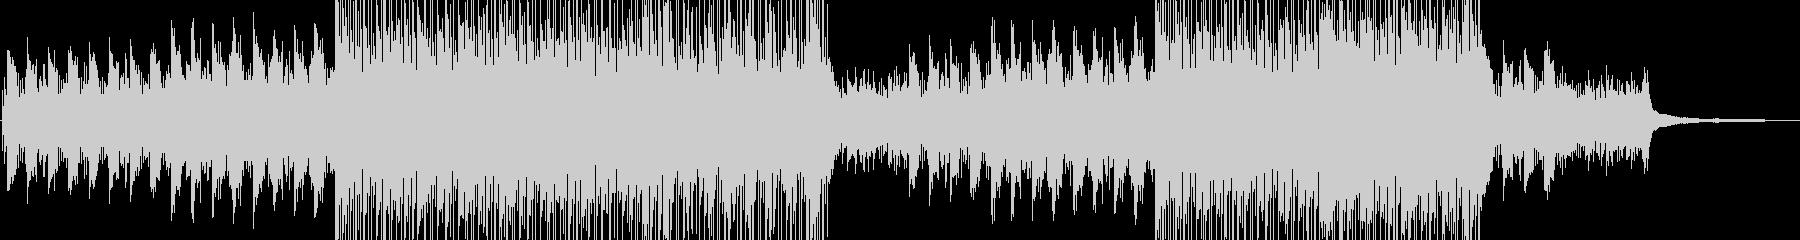 ストリングス シリアスなシネマティック曲の未再生の波形